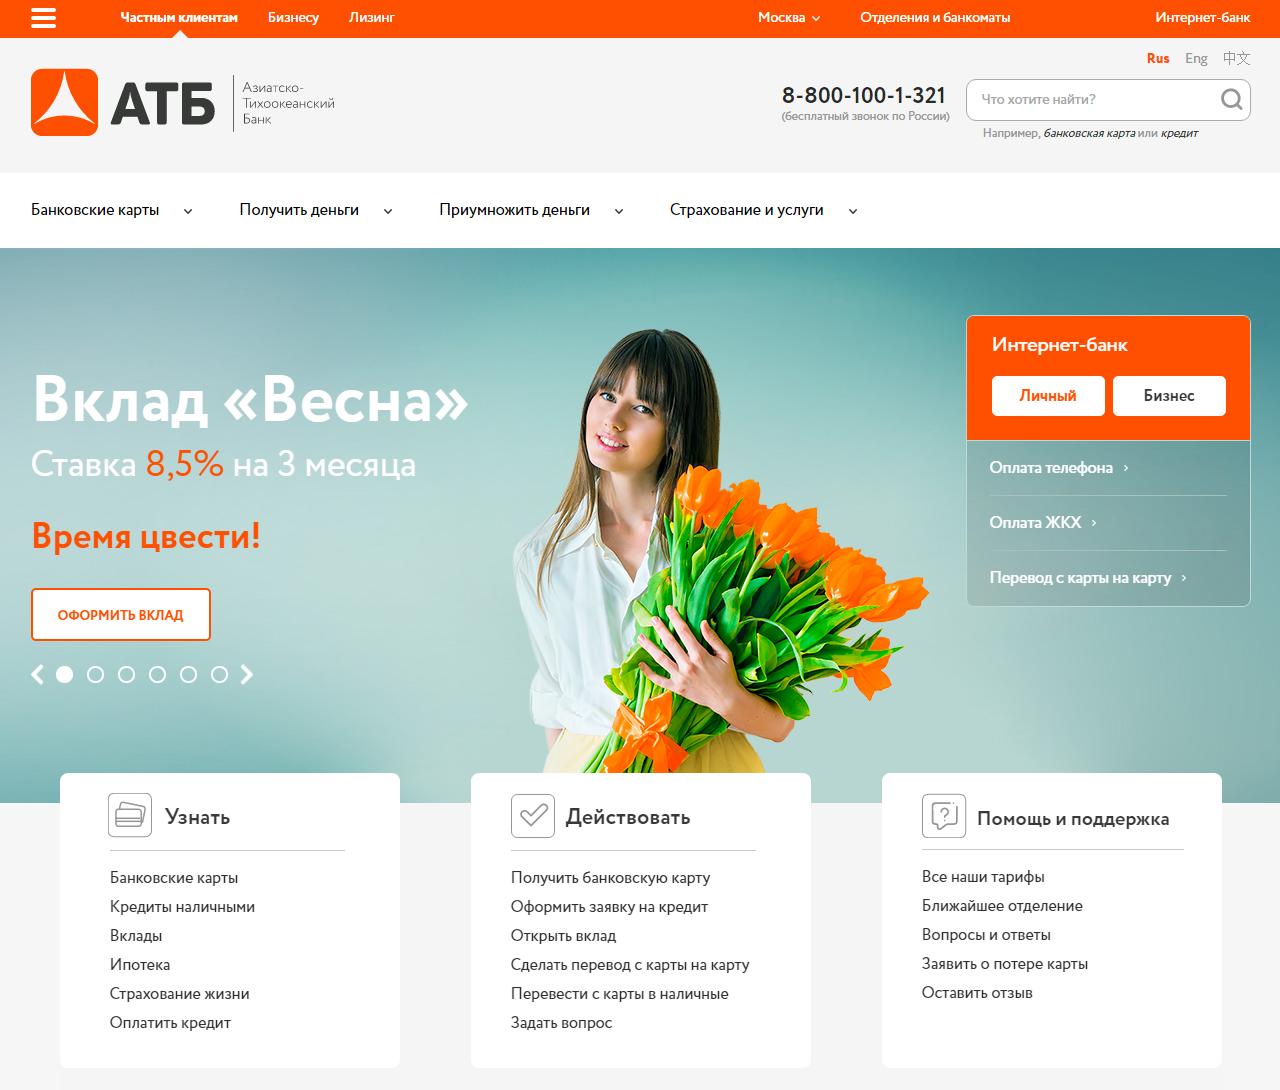 Личный кабинет АТБ (Азиатско-Тихоокеанский Банк)